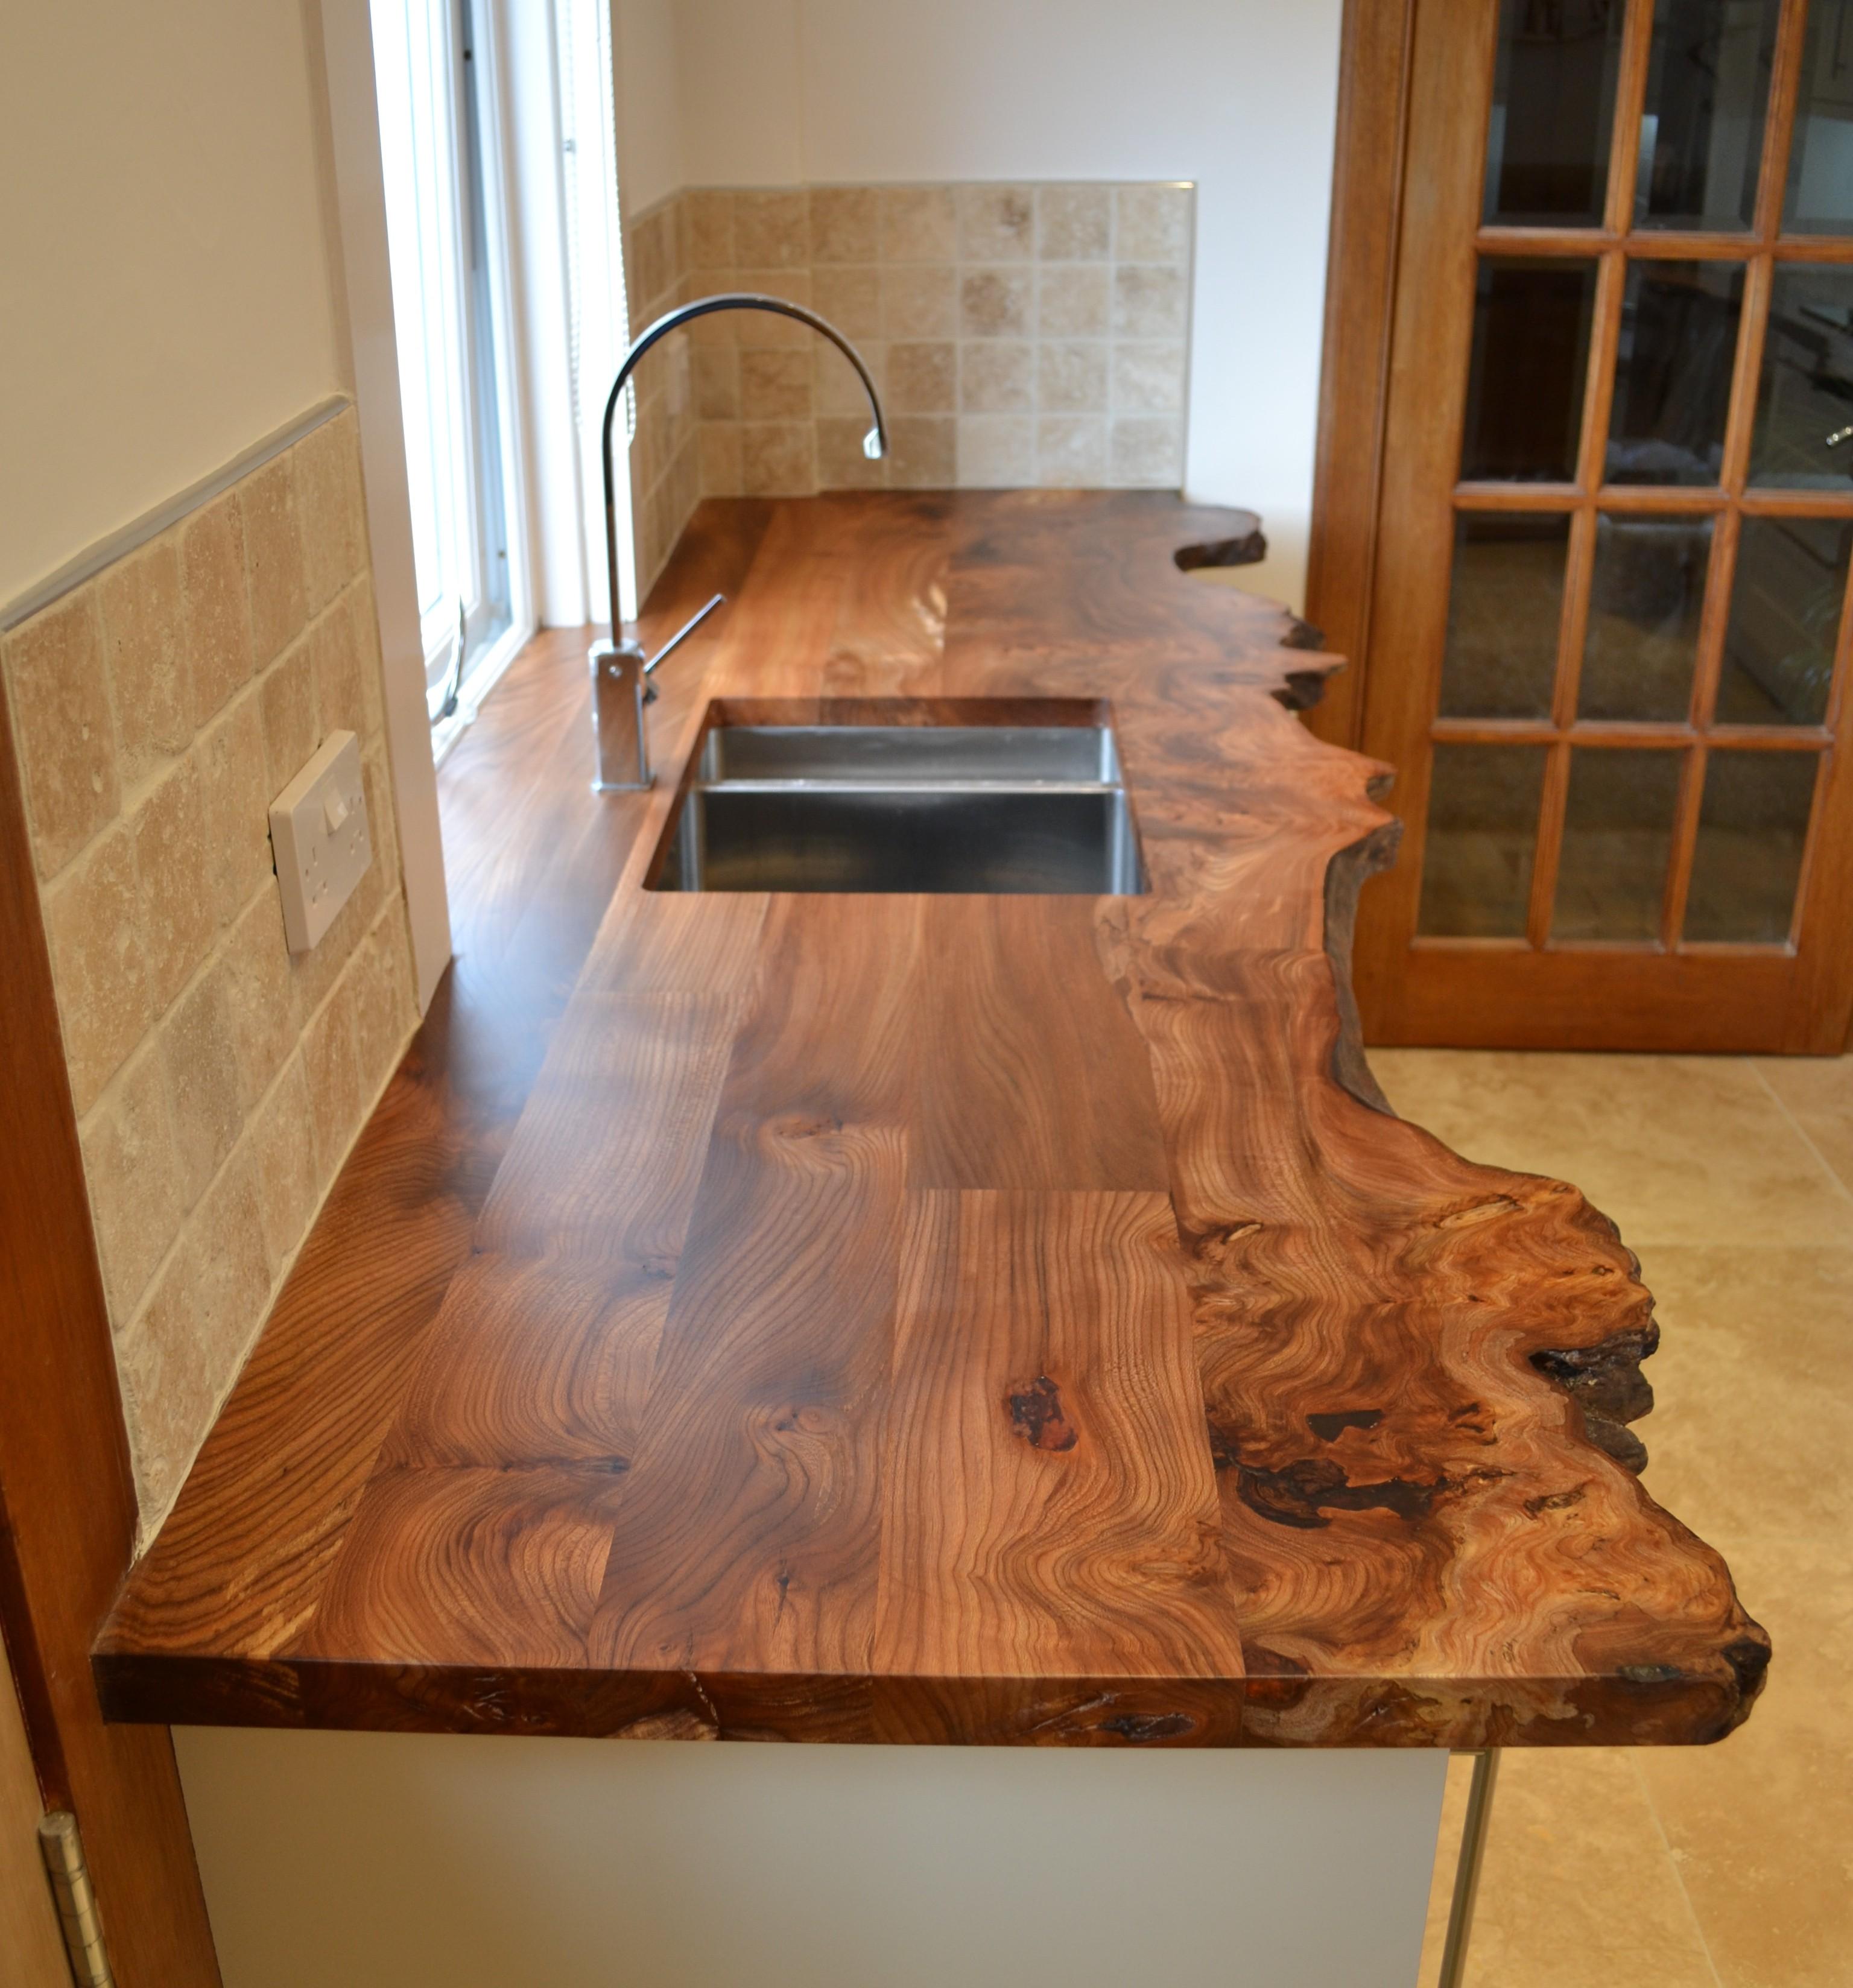 ... kitchen worktops in scottish elm clachan wood blog in kitchen worktop YUOHIUH